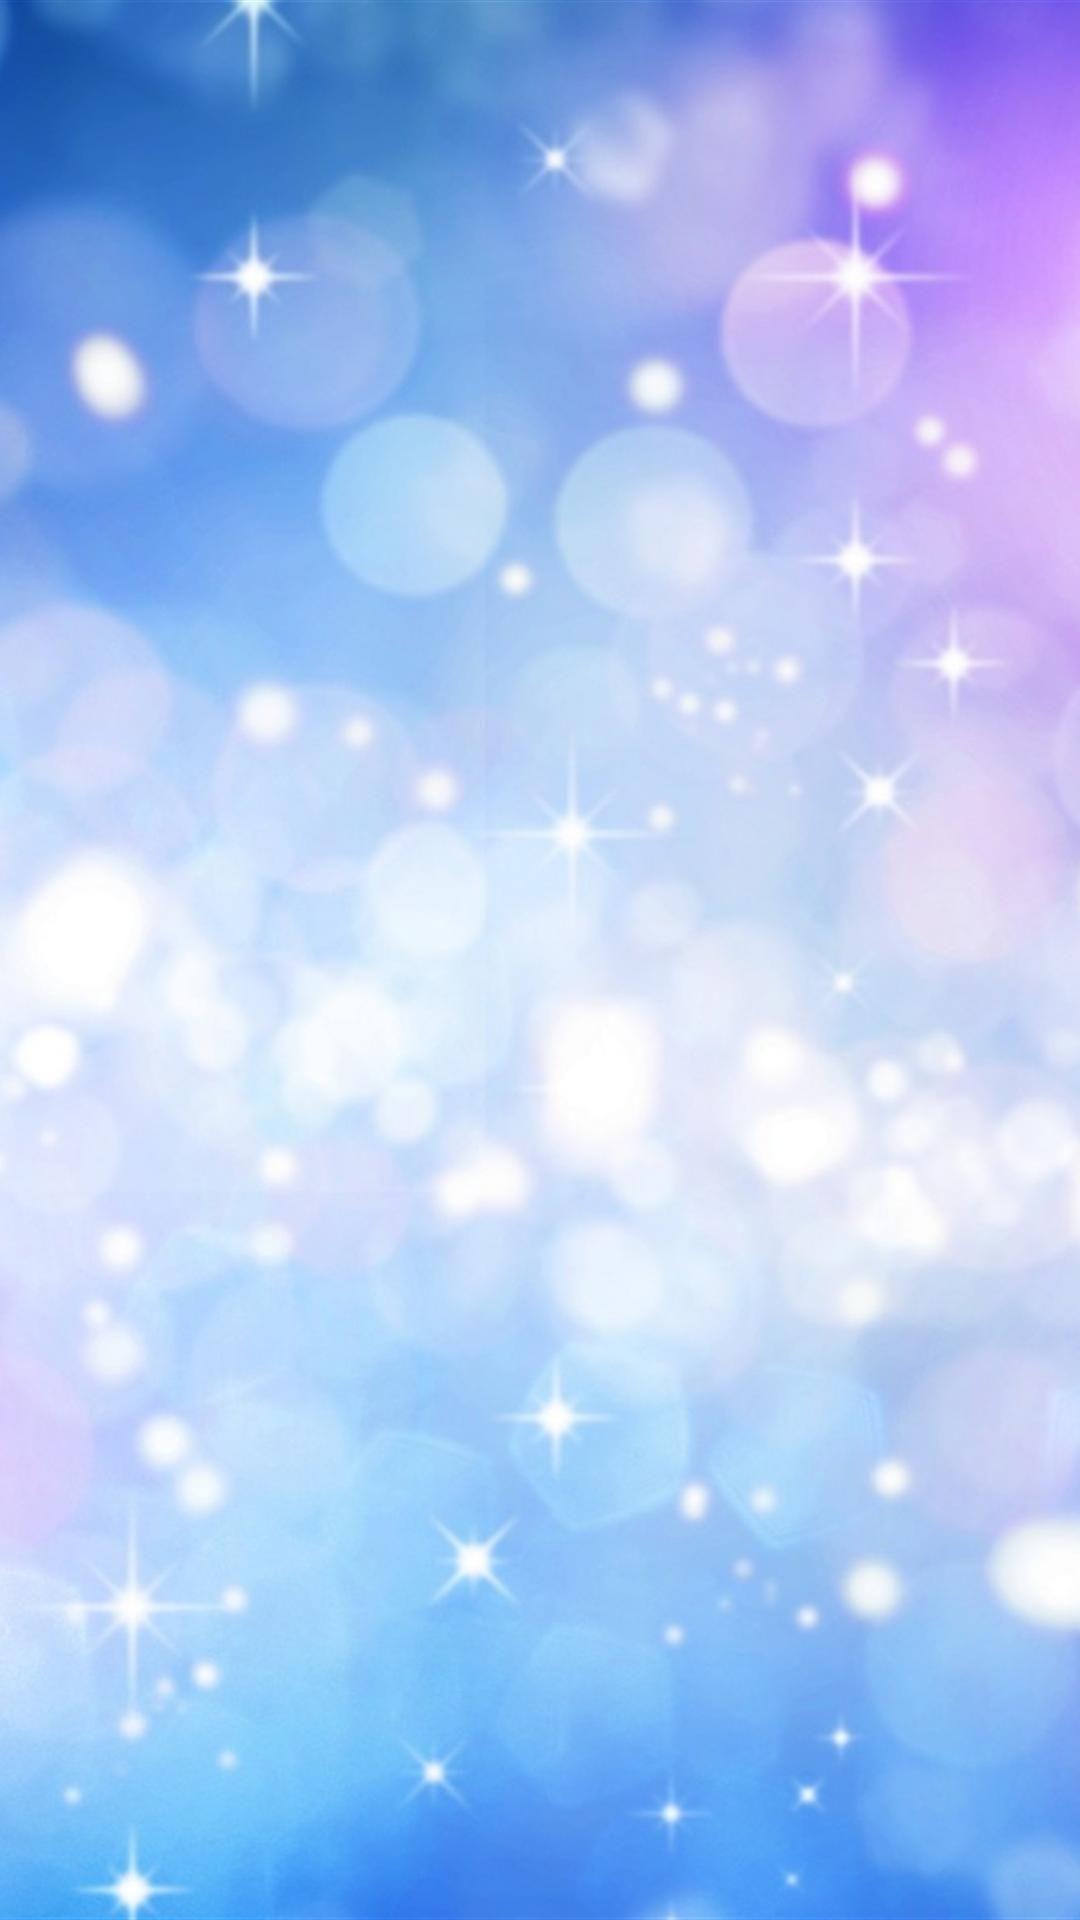 女子向けキラキラ ブルー Iphone7 スマホ壁紙 待受画像ギャラリー 花 イラスト キラキラ イラスト 夏 デザイン イラスト